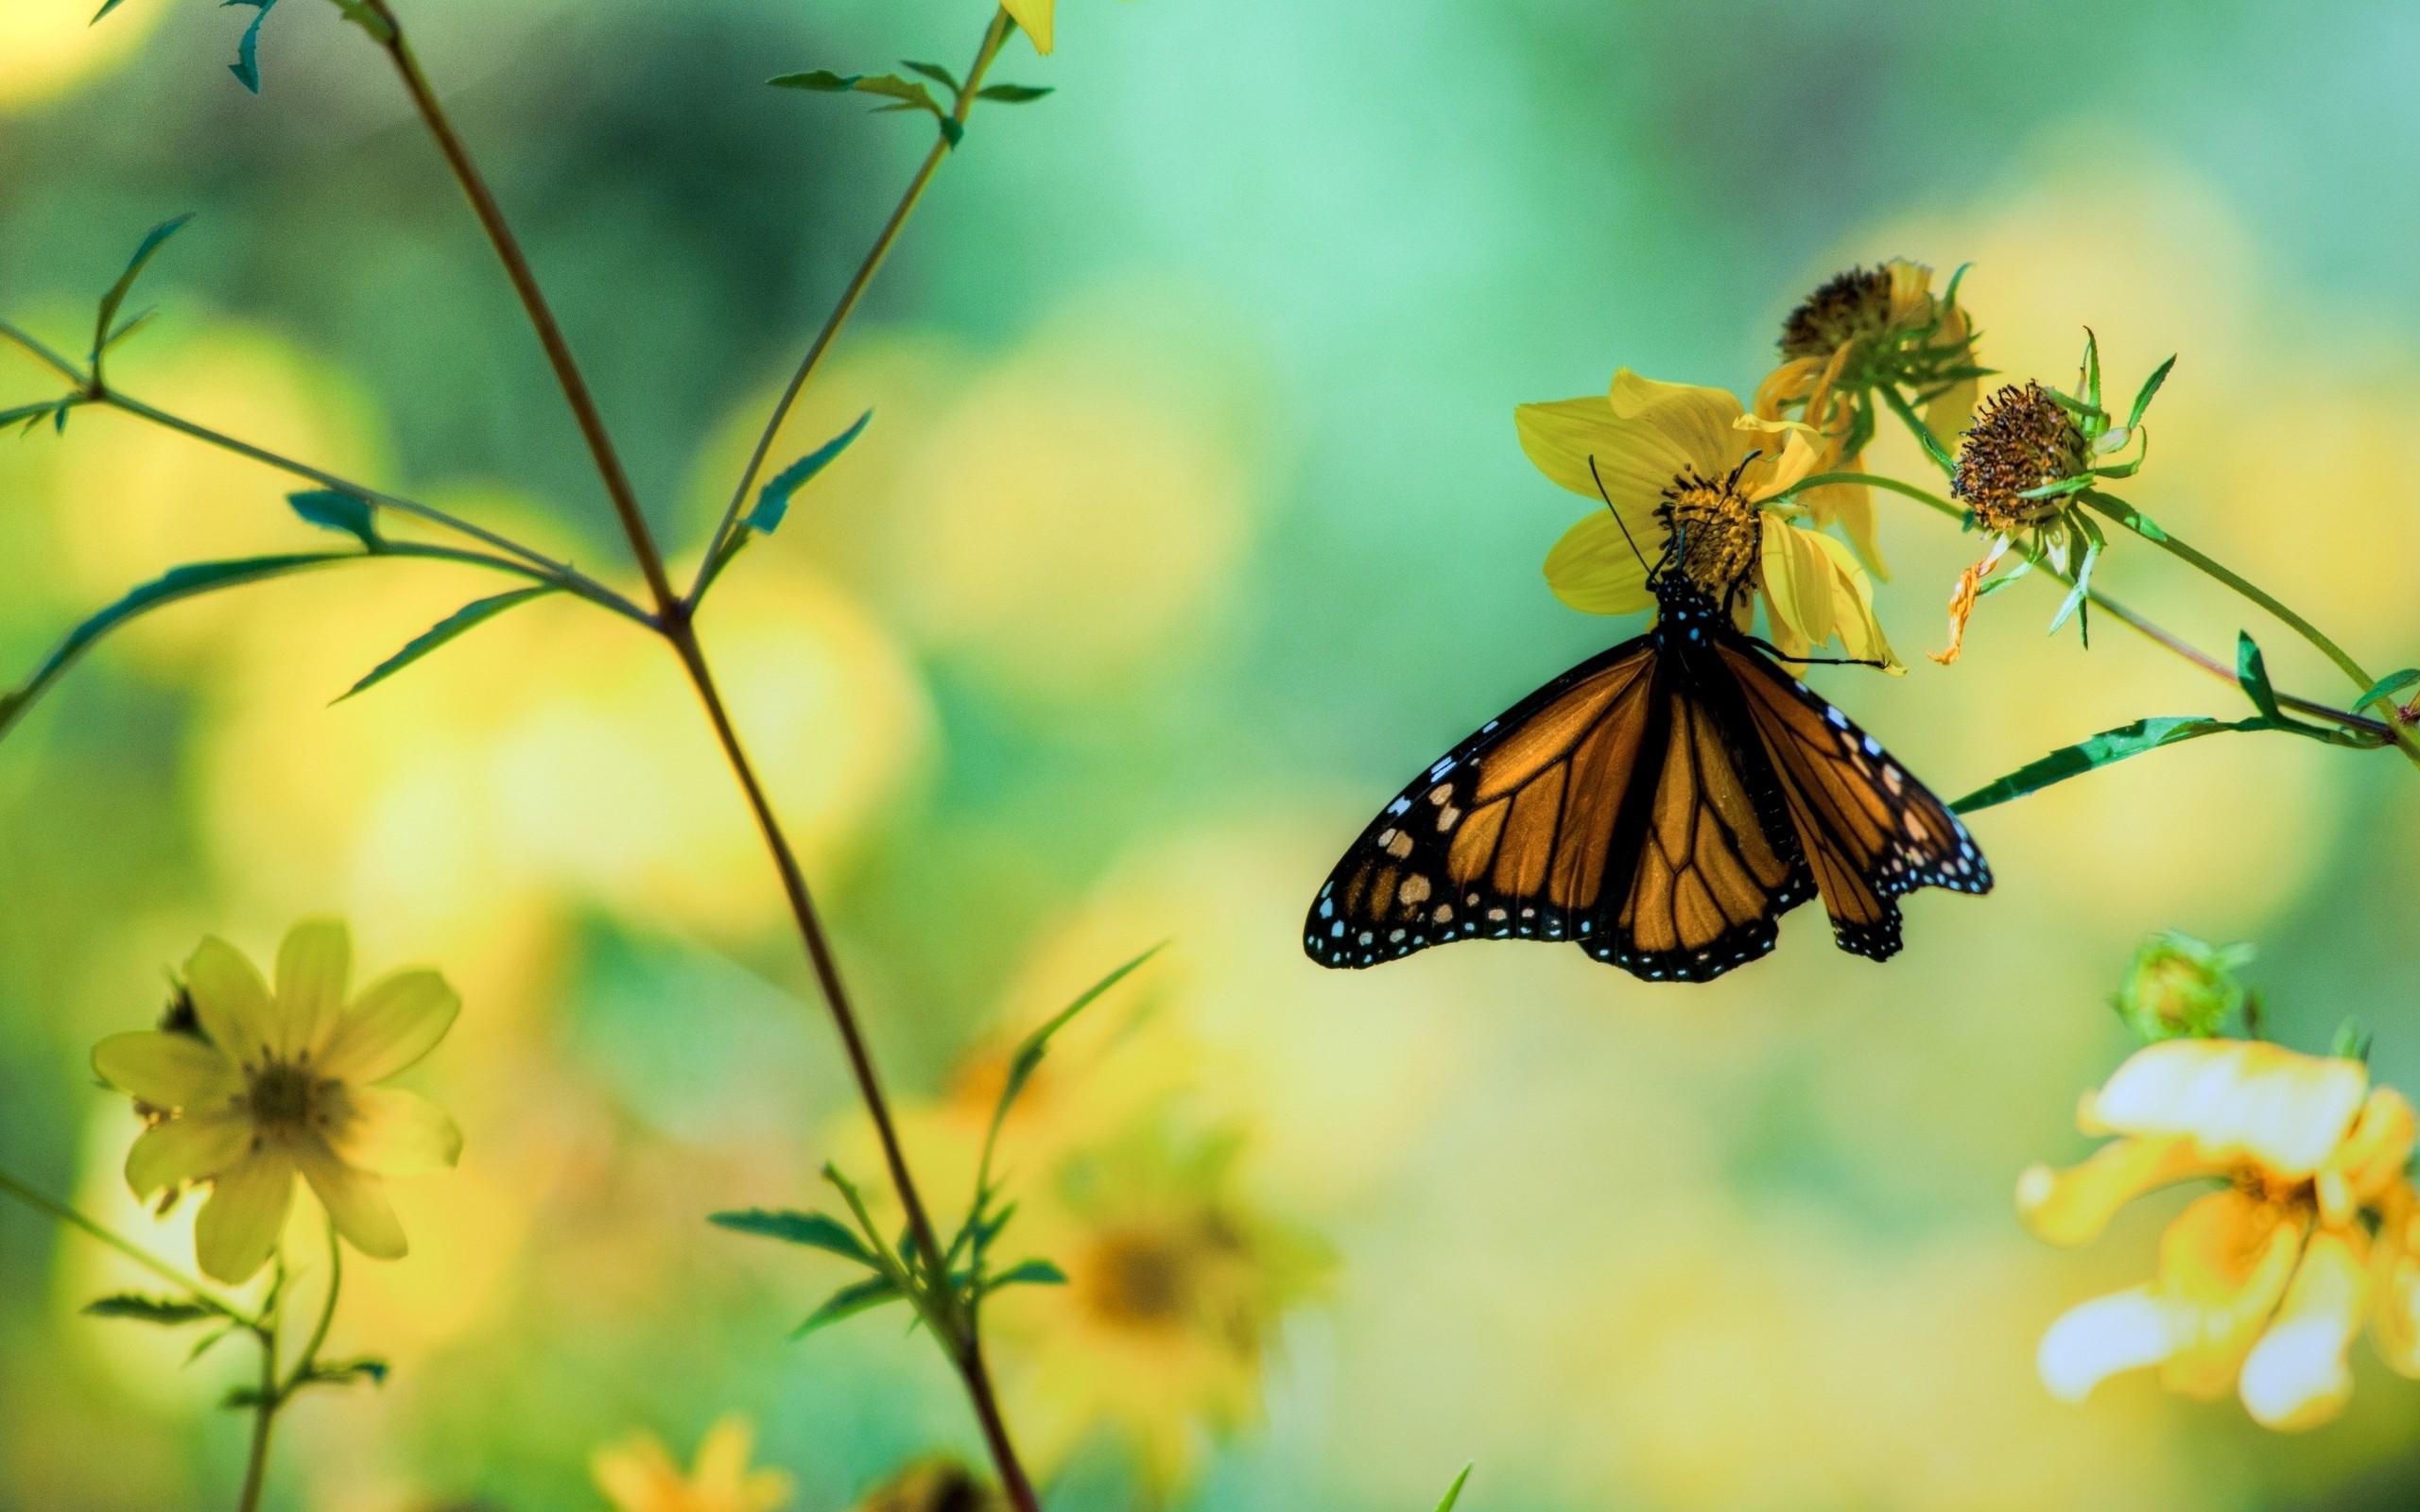 butterfly wallpaper hd 41047